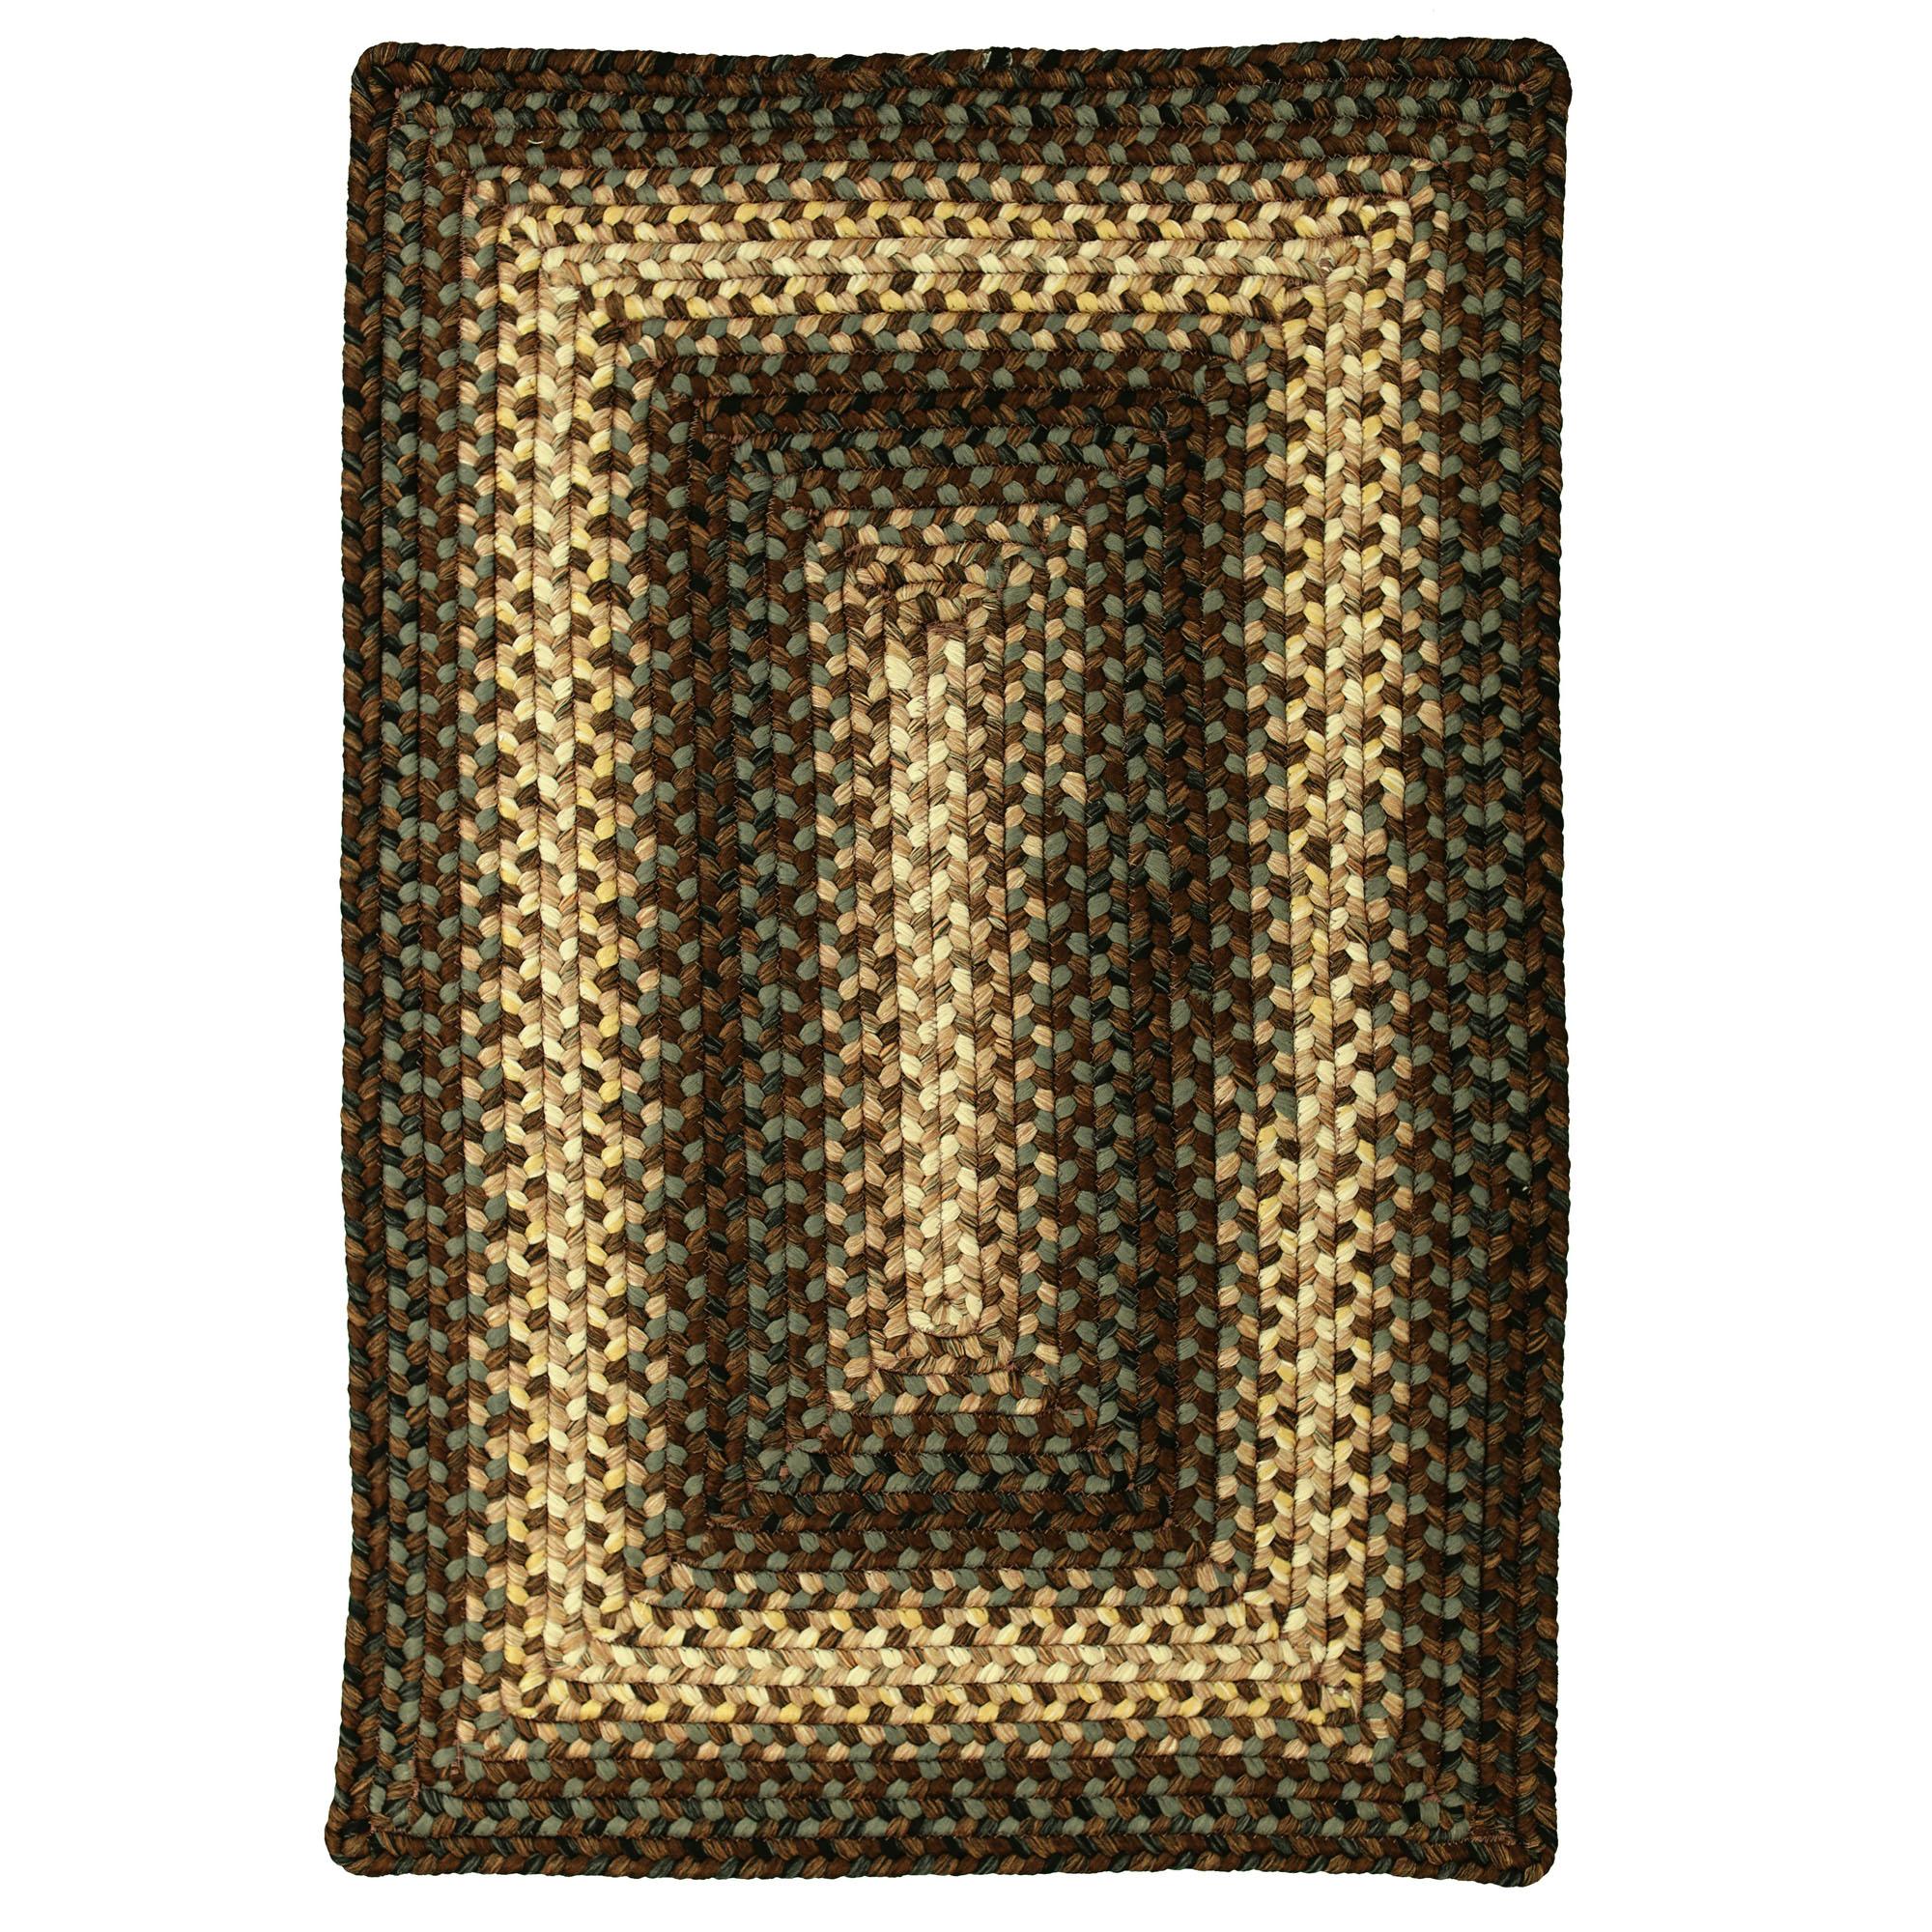 JAIPUR Rugs Ultra Durable Braided Rugs 5 x 8 Rug - Item Number: RUG119577